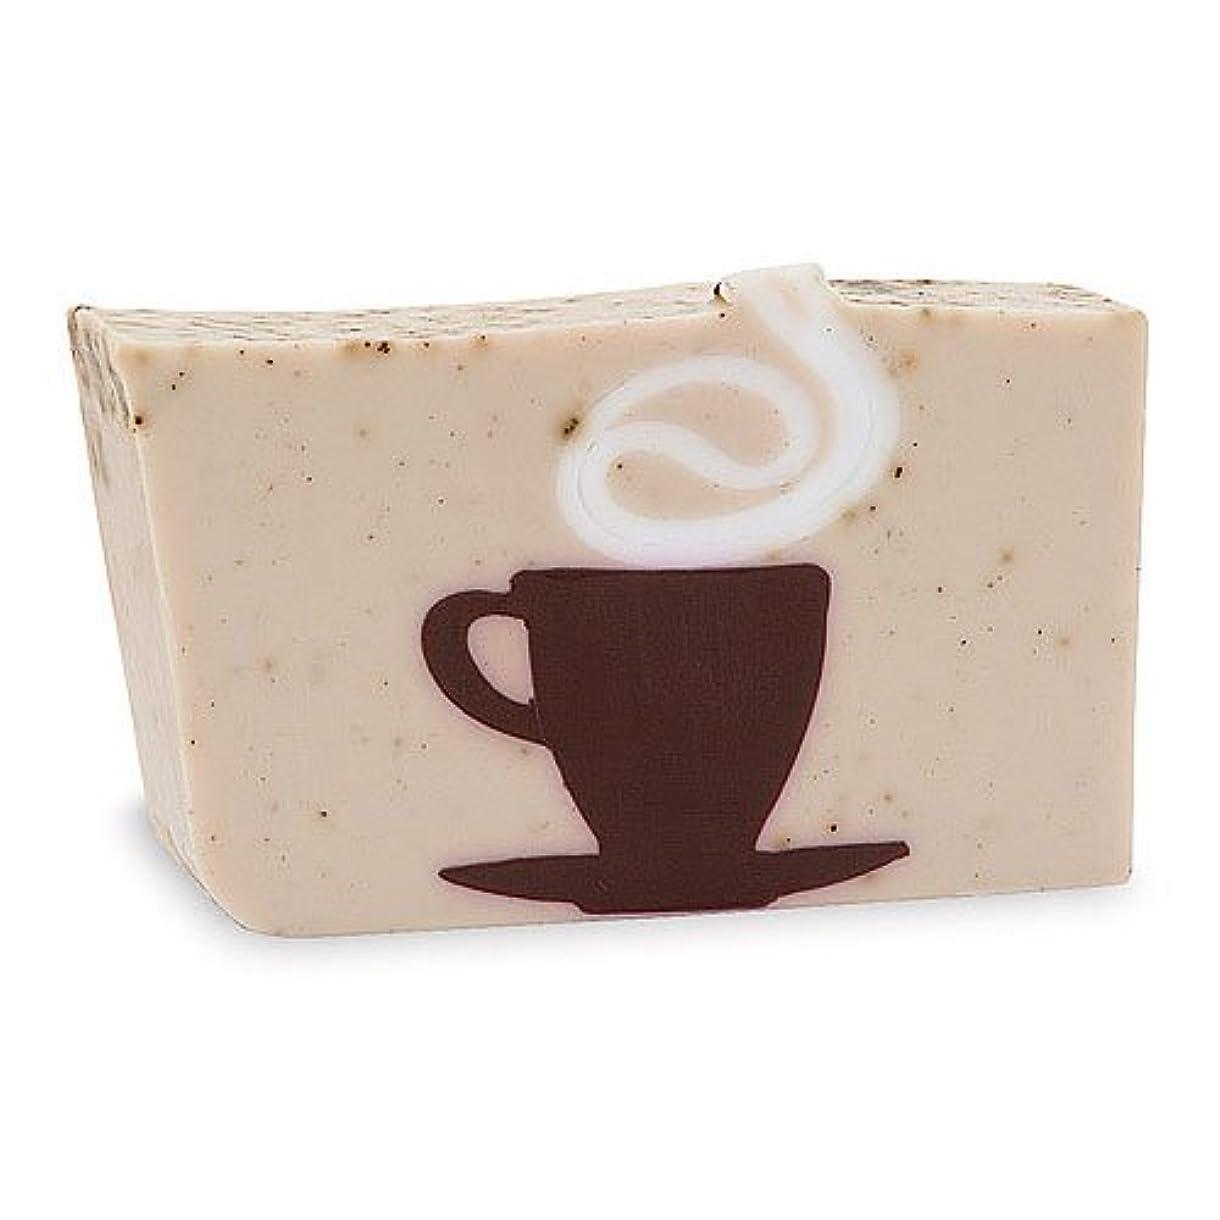 緯度春節約プライモールエレメンツ アロマティック ソープ カフェオレ 180g 植物性 ナチュラル 石鹸 無添加